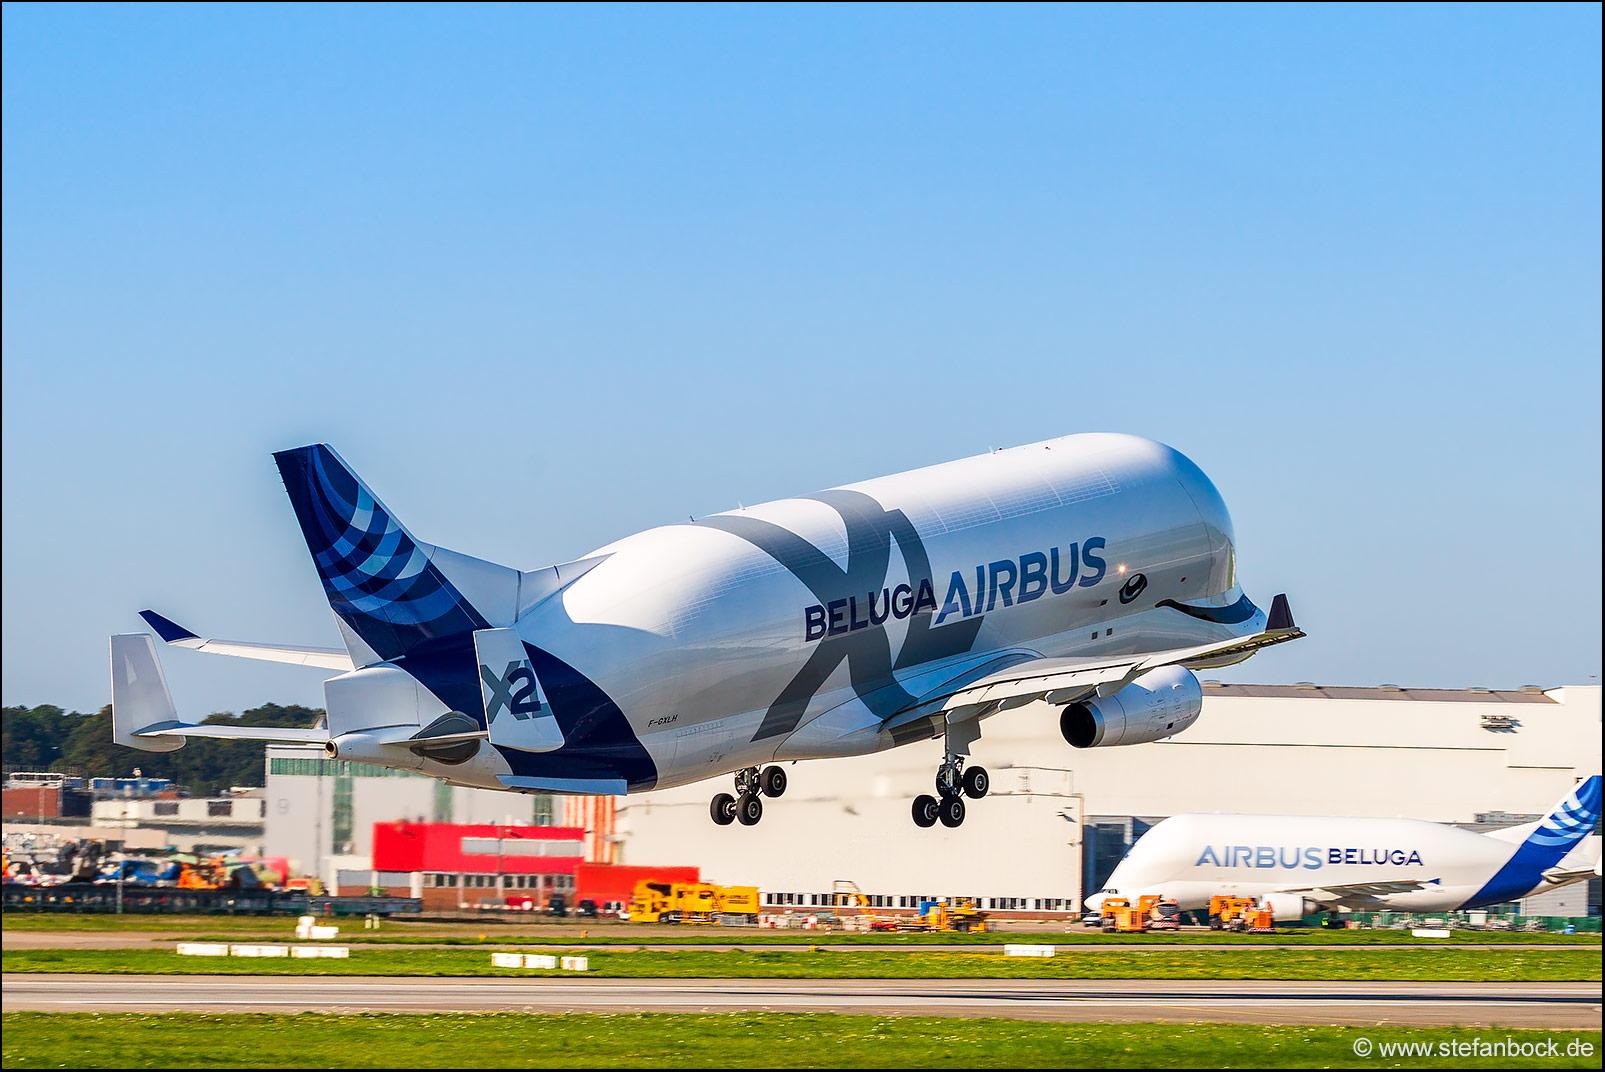 Airbus Airport Hamburg Finkenwerder, Germany